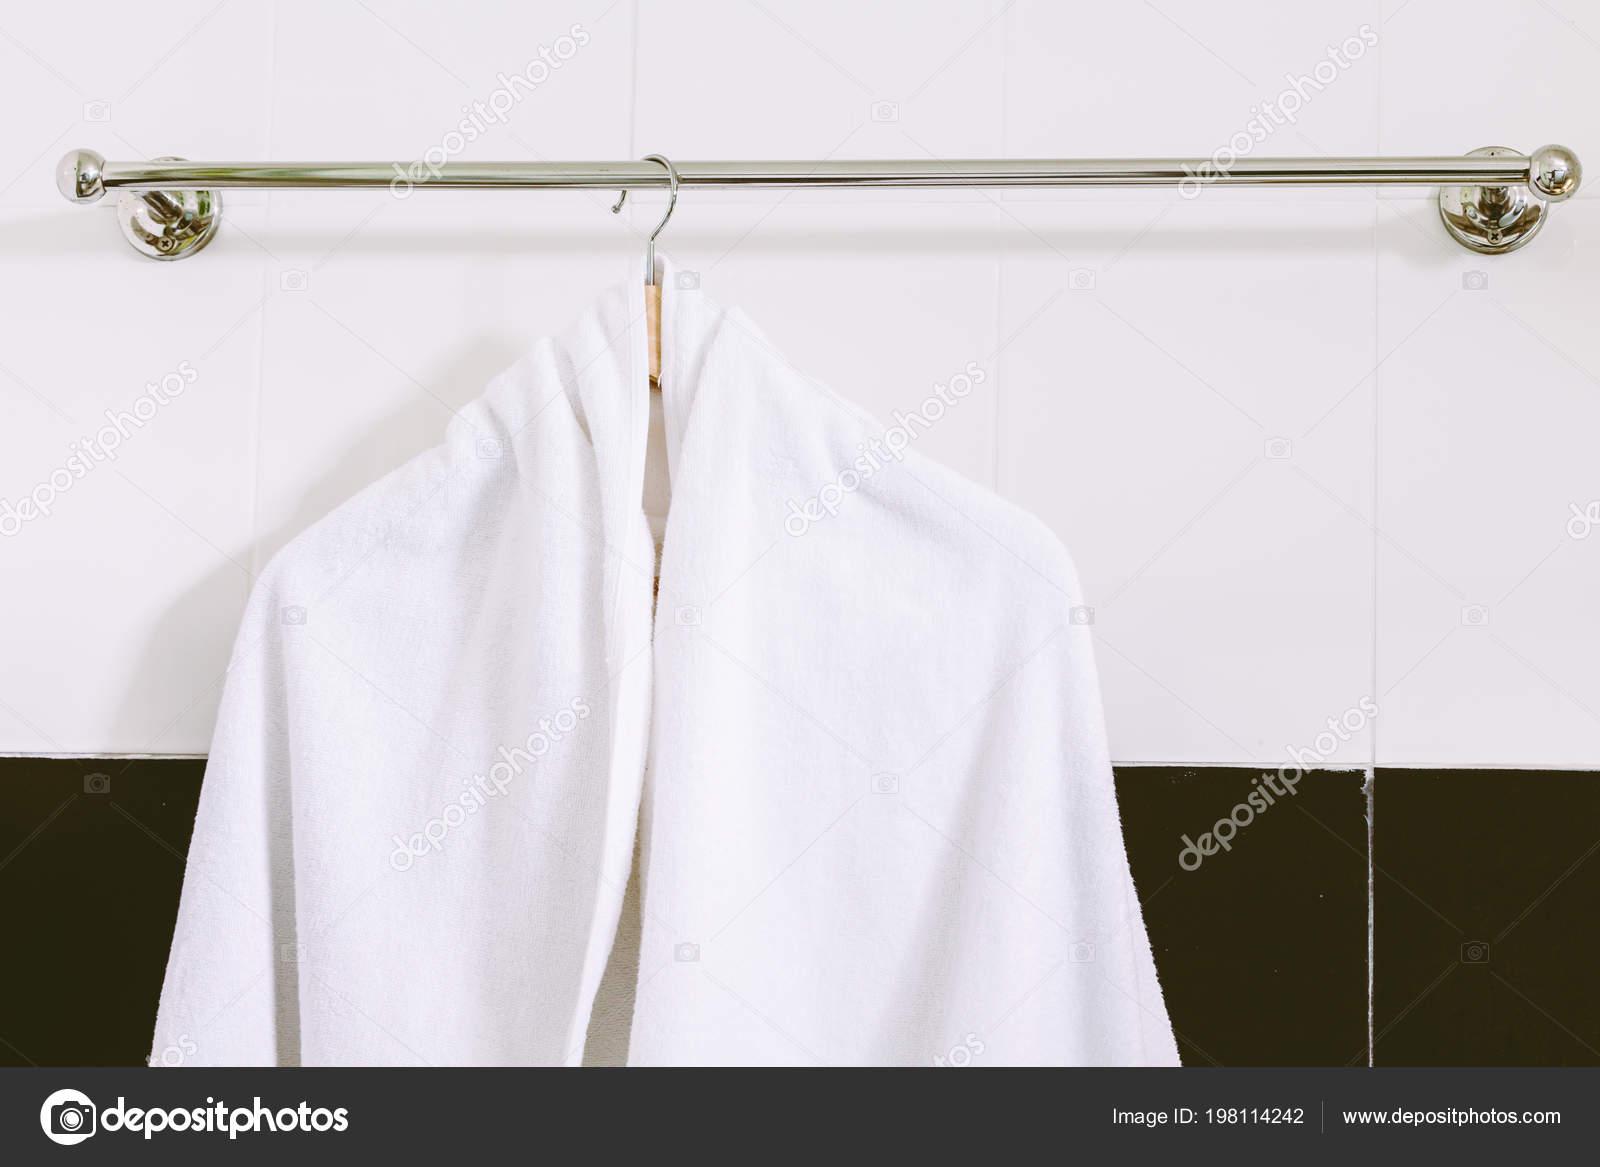 Portasciugamani Bagno Muro : Tovagliolo bianco sulla portasciugamani acciaio inox sul muro